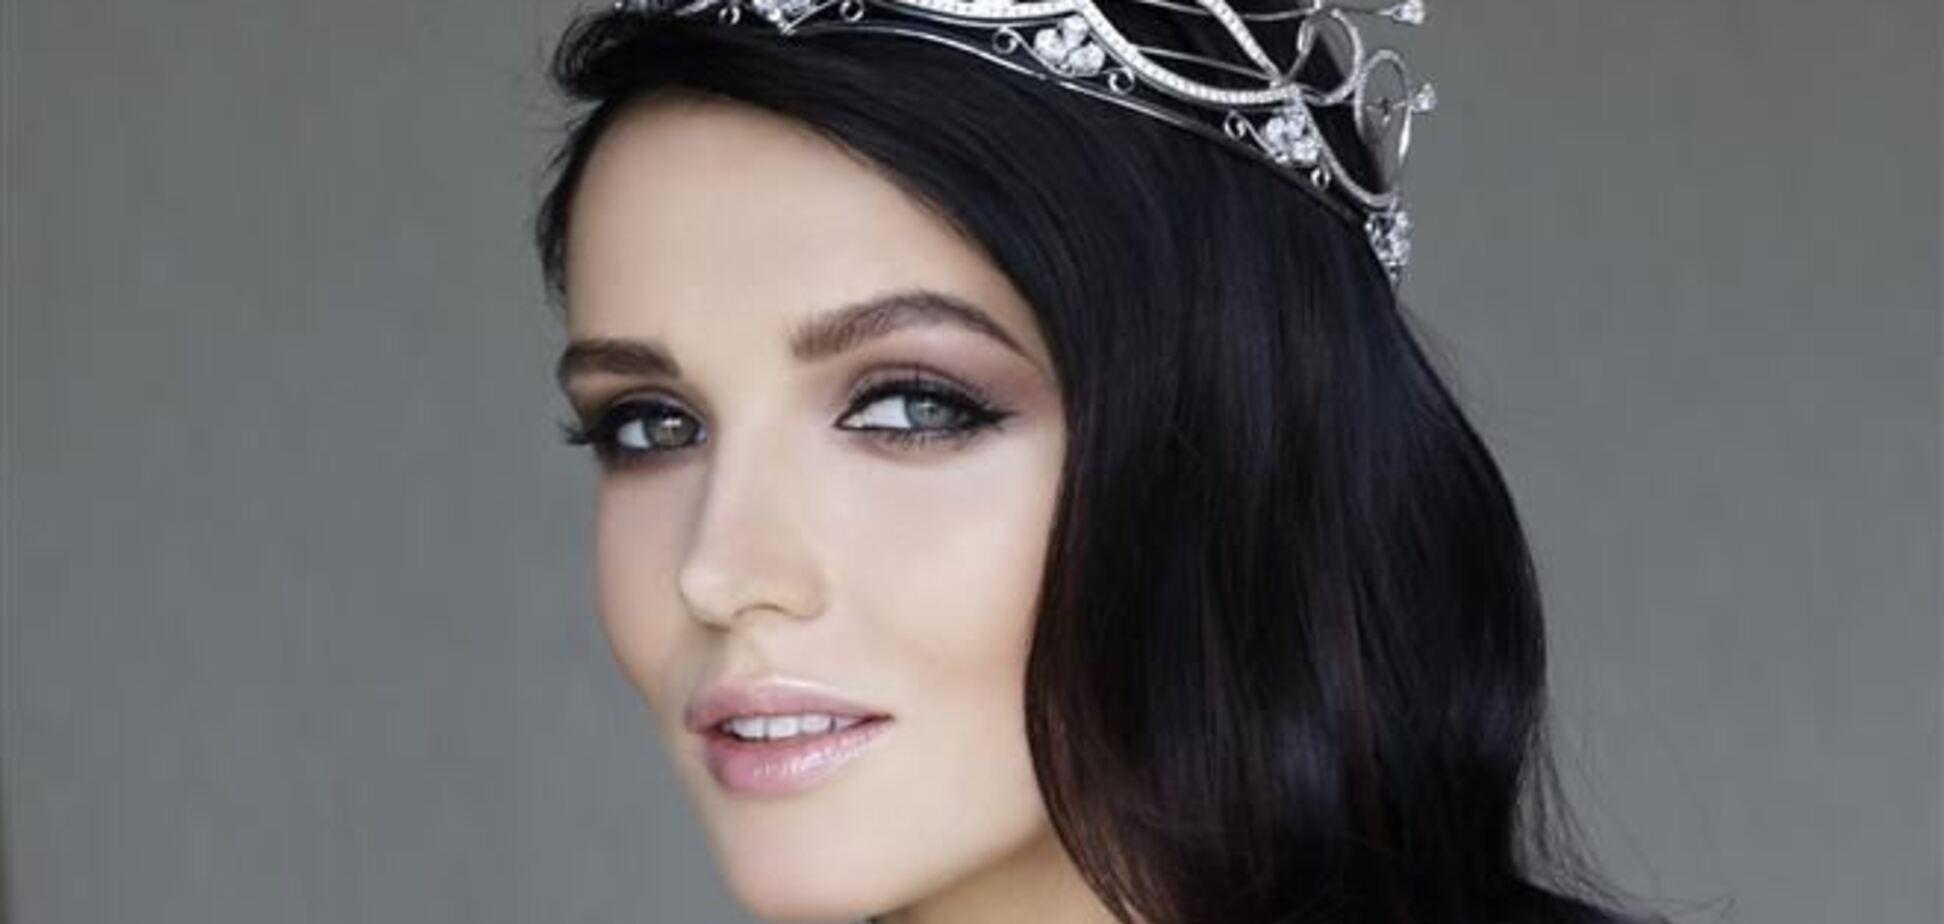 Стороженко повезла на 'Мисс Вселенная-2013' 3 чемодана платьев